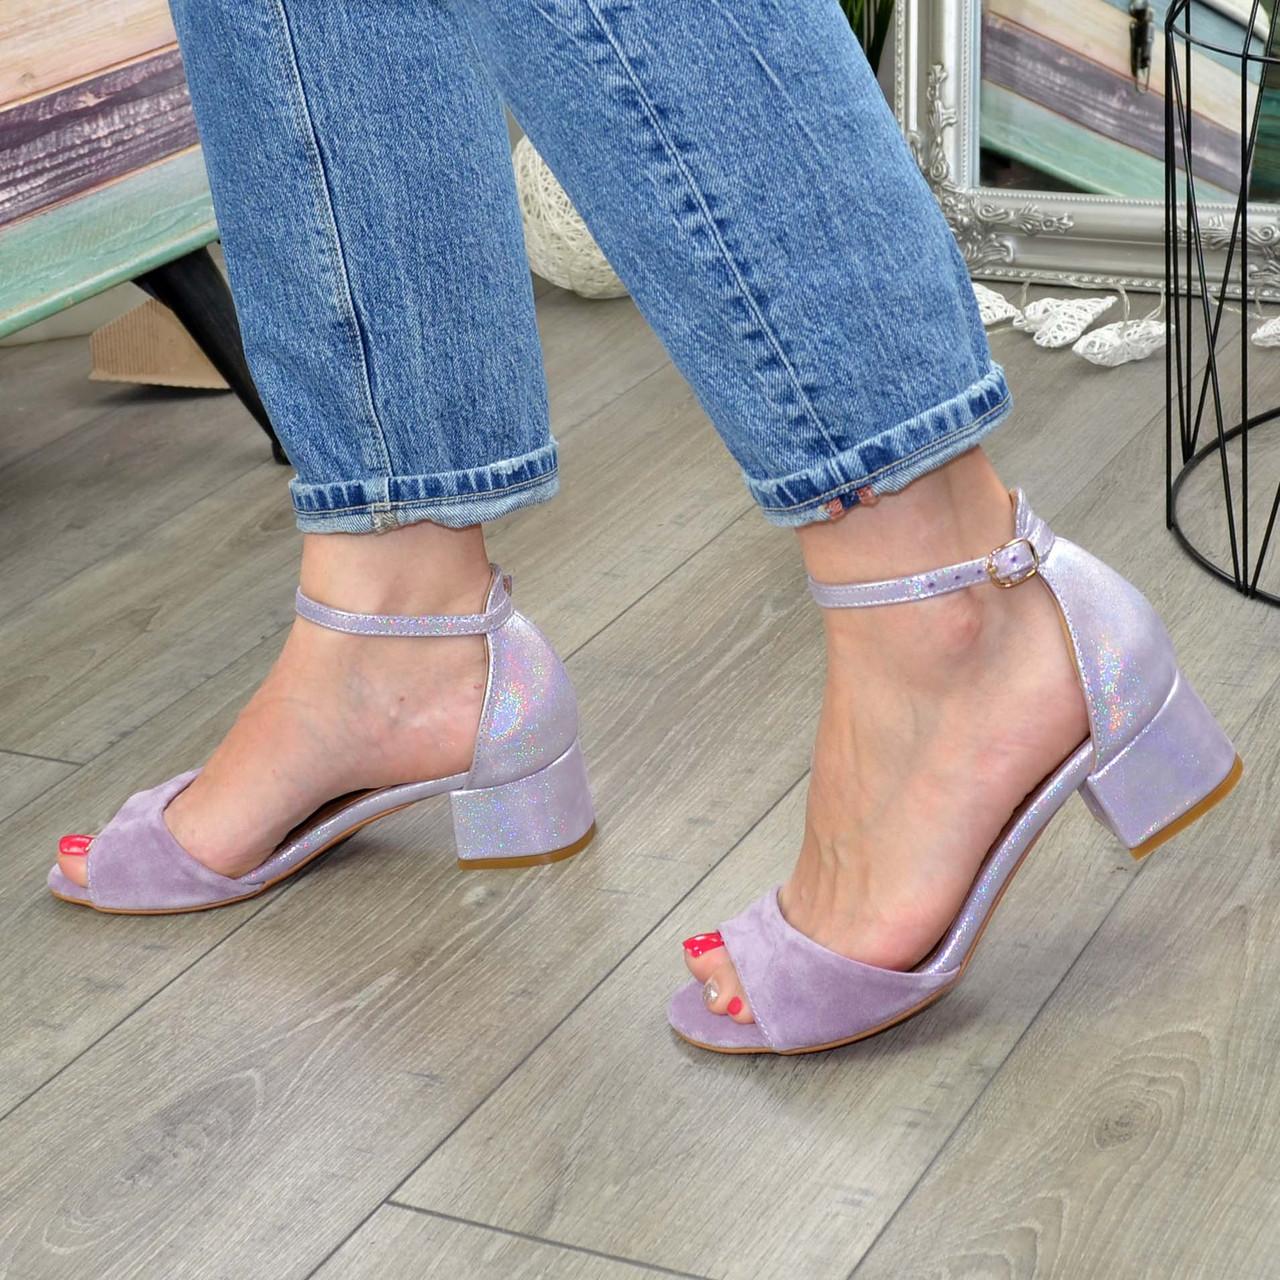 Босоножки женские замшевые на невысоком каблуке, цвет лиловый